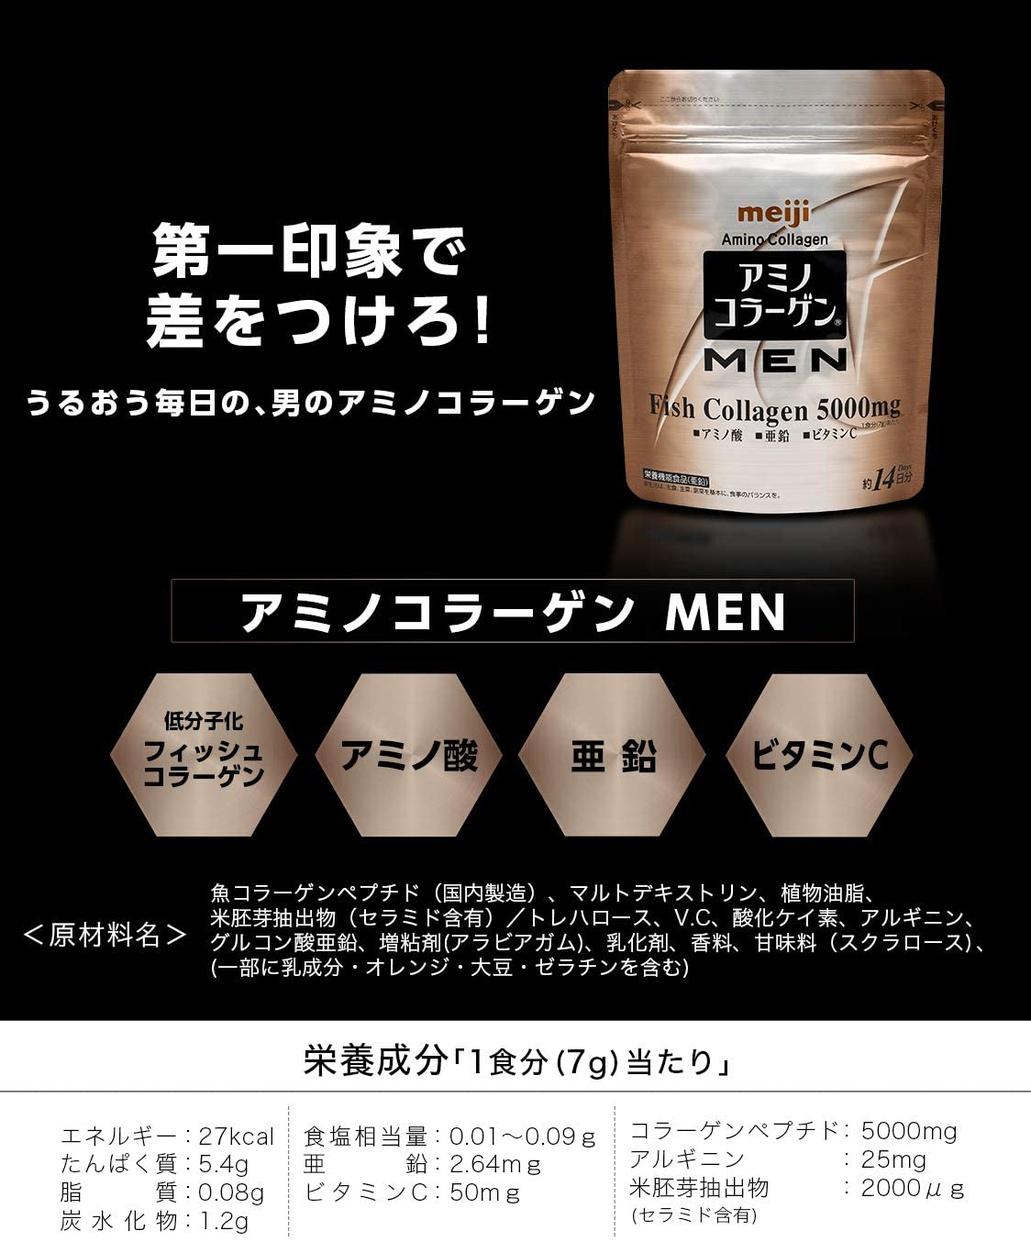 明治(meiji) アミノコラーゲン MENの商品画像7